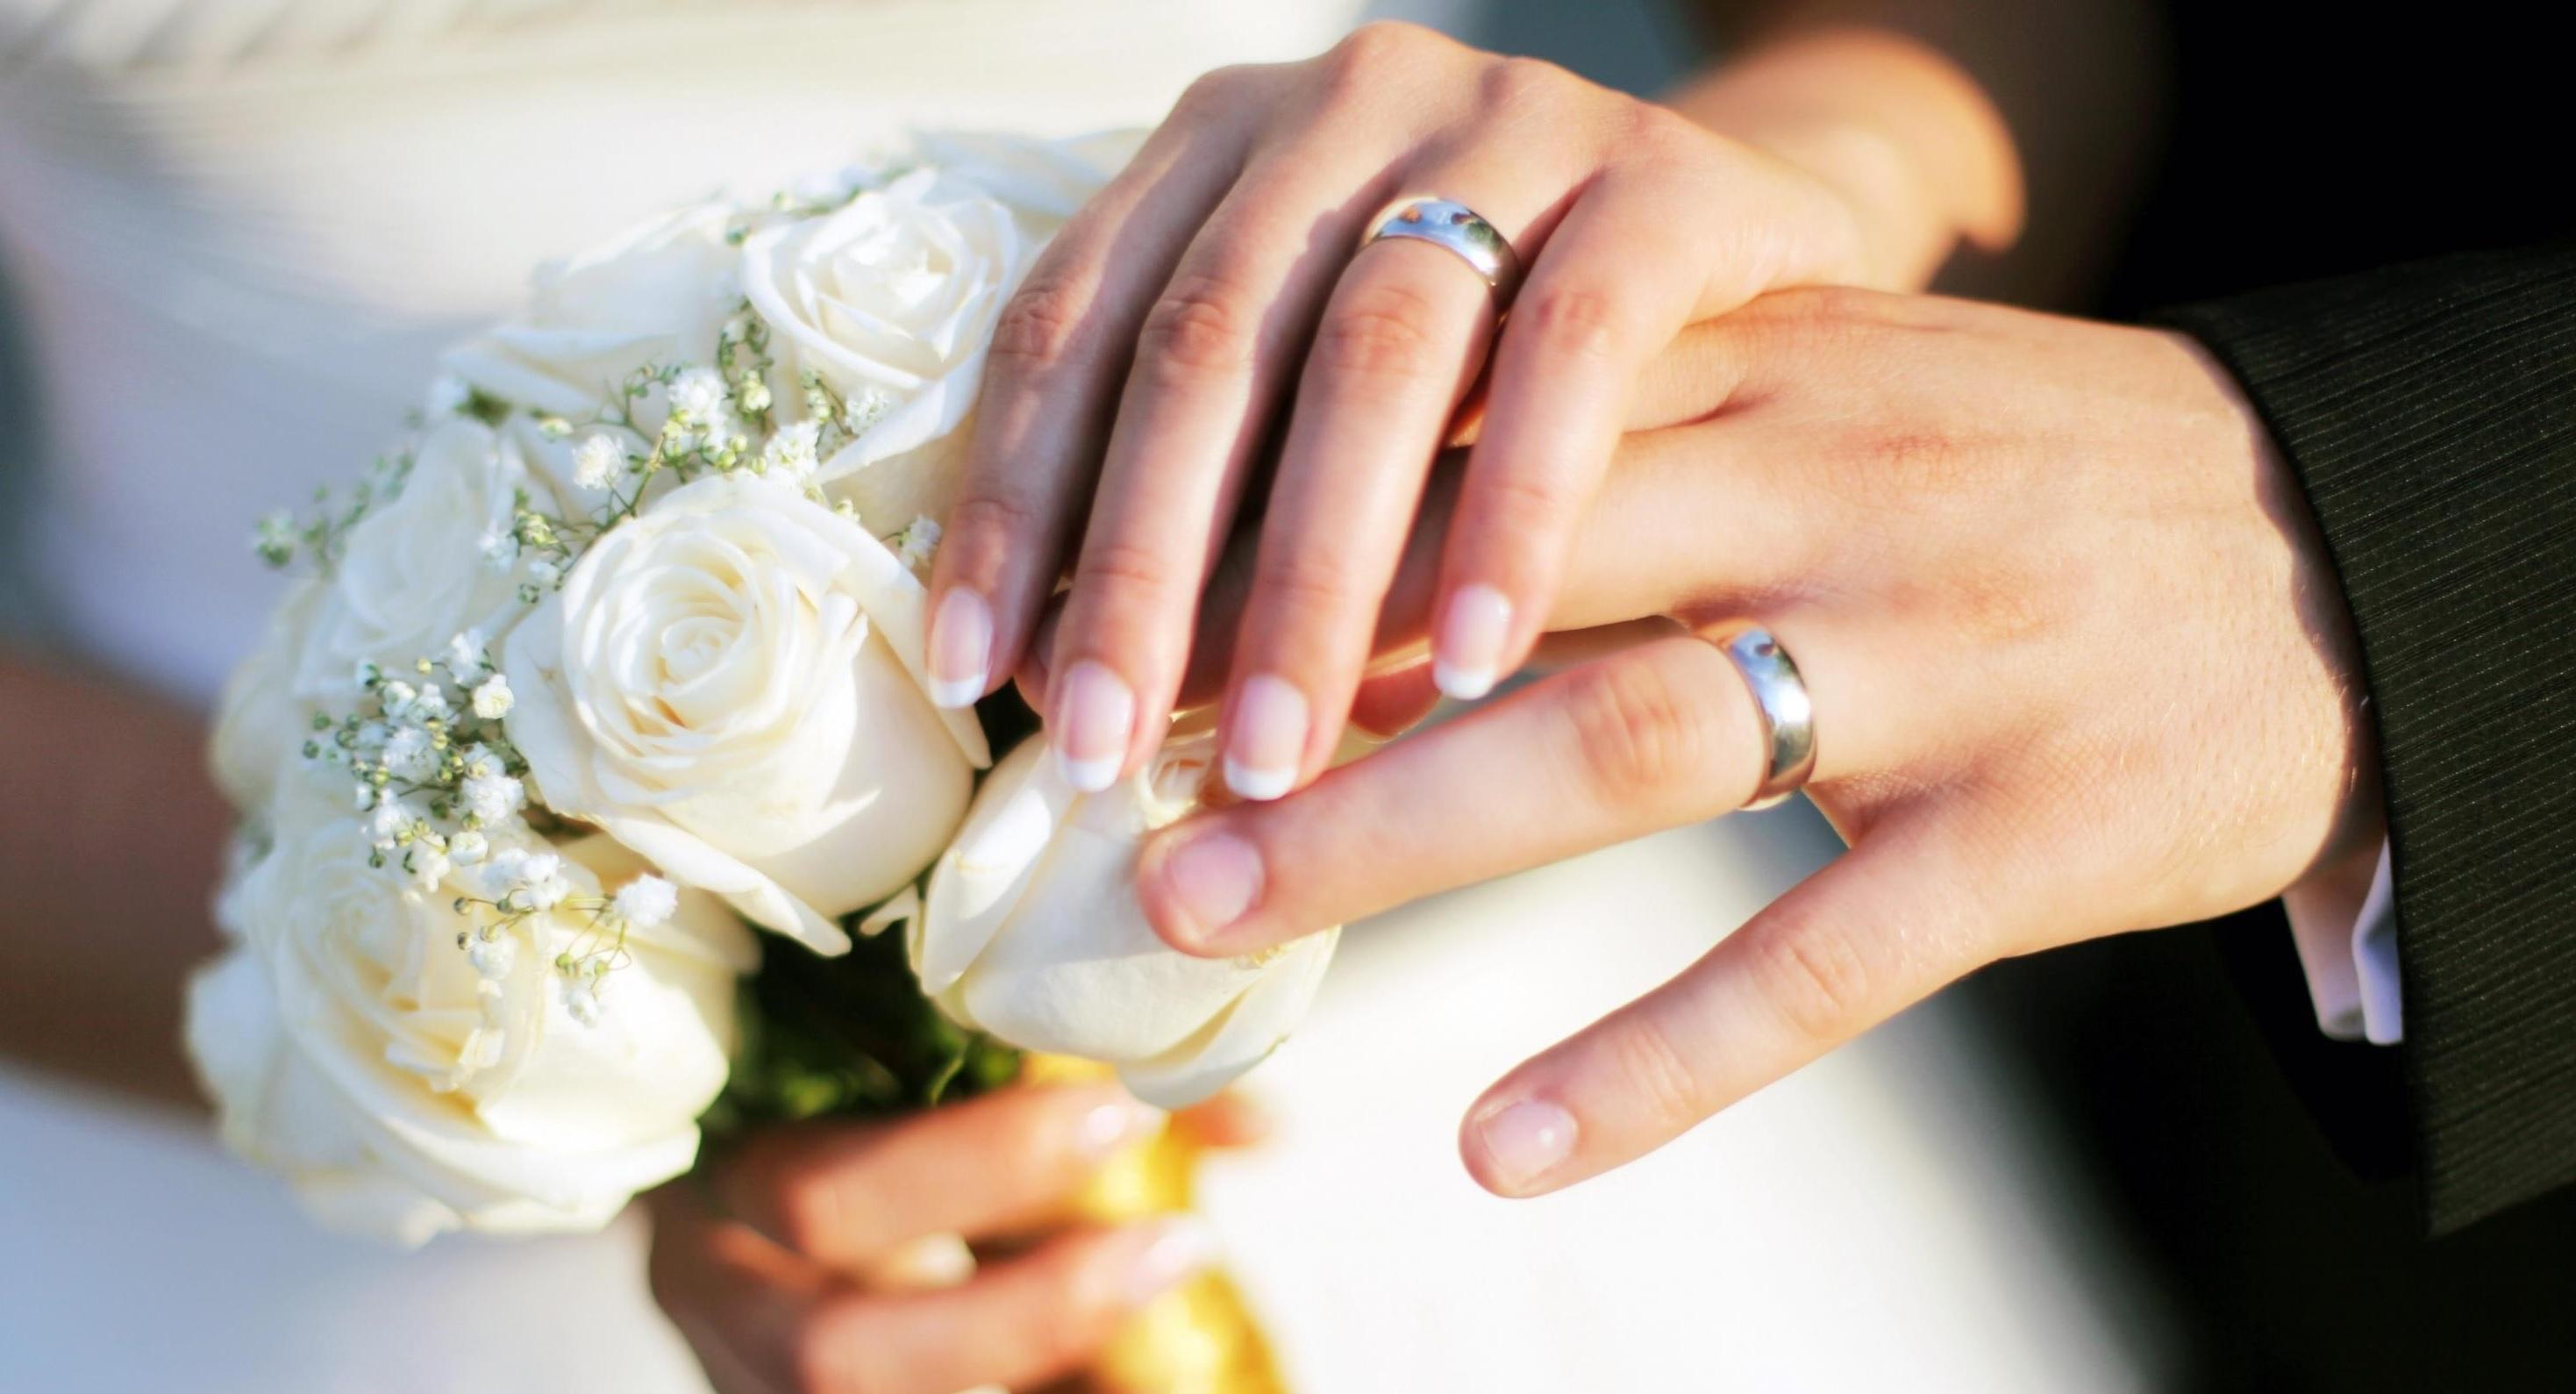 شرایط دریافت «وام ازدواج» از صندوق بازنشستگی کشوری